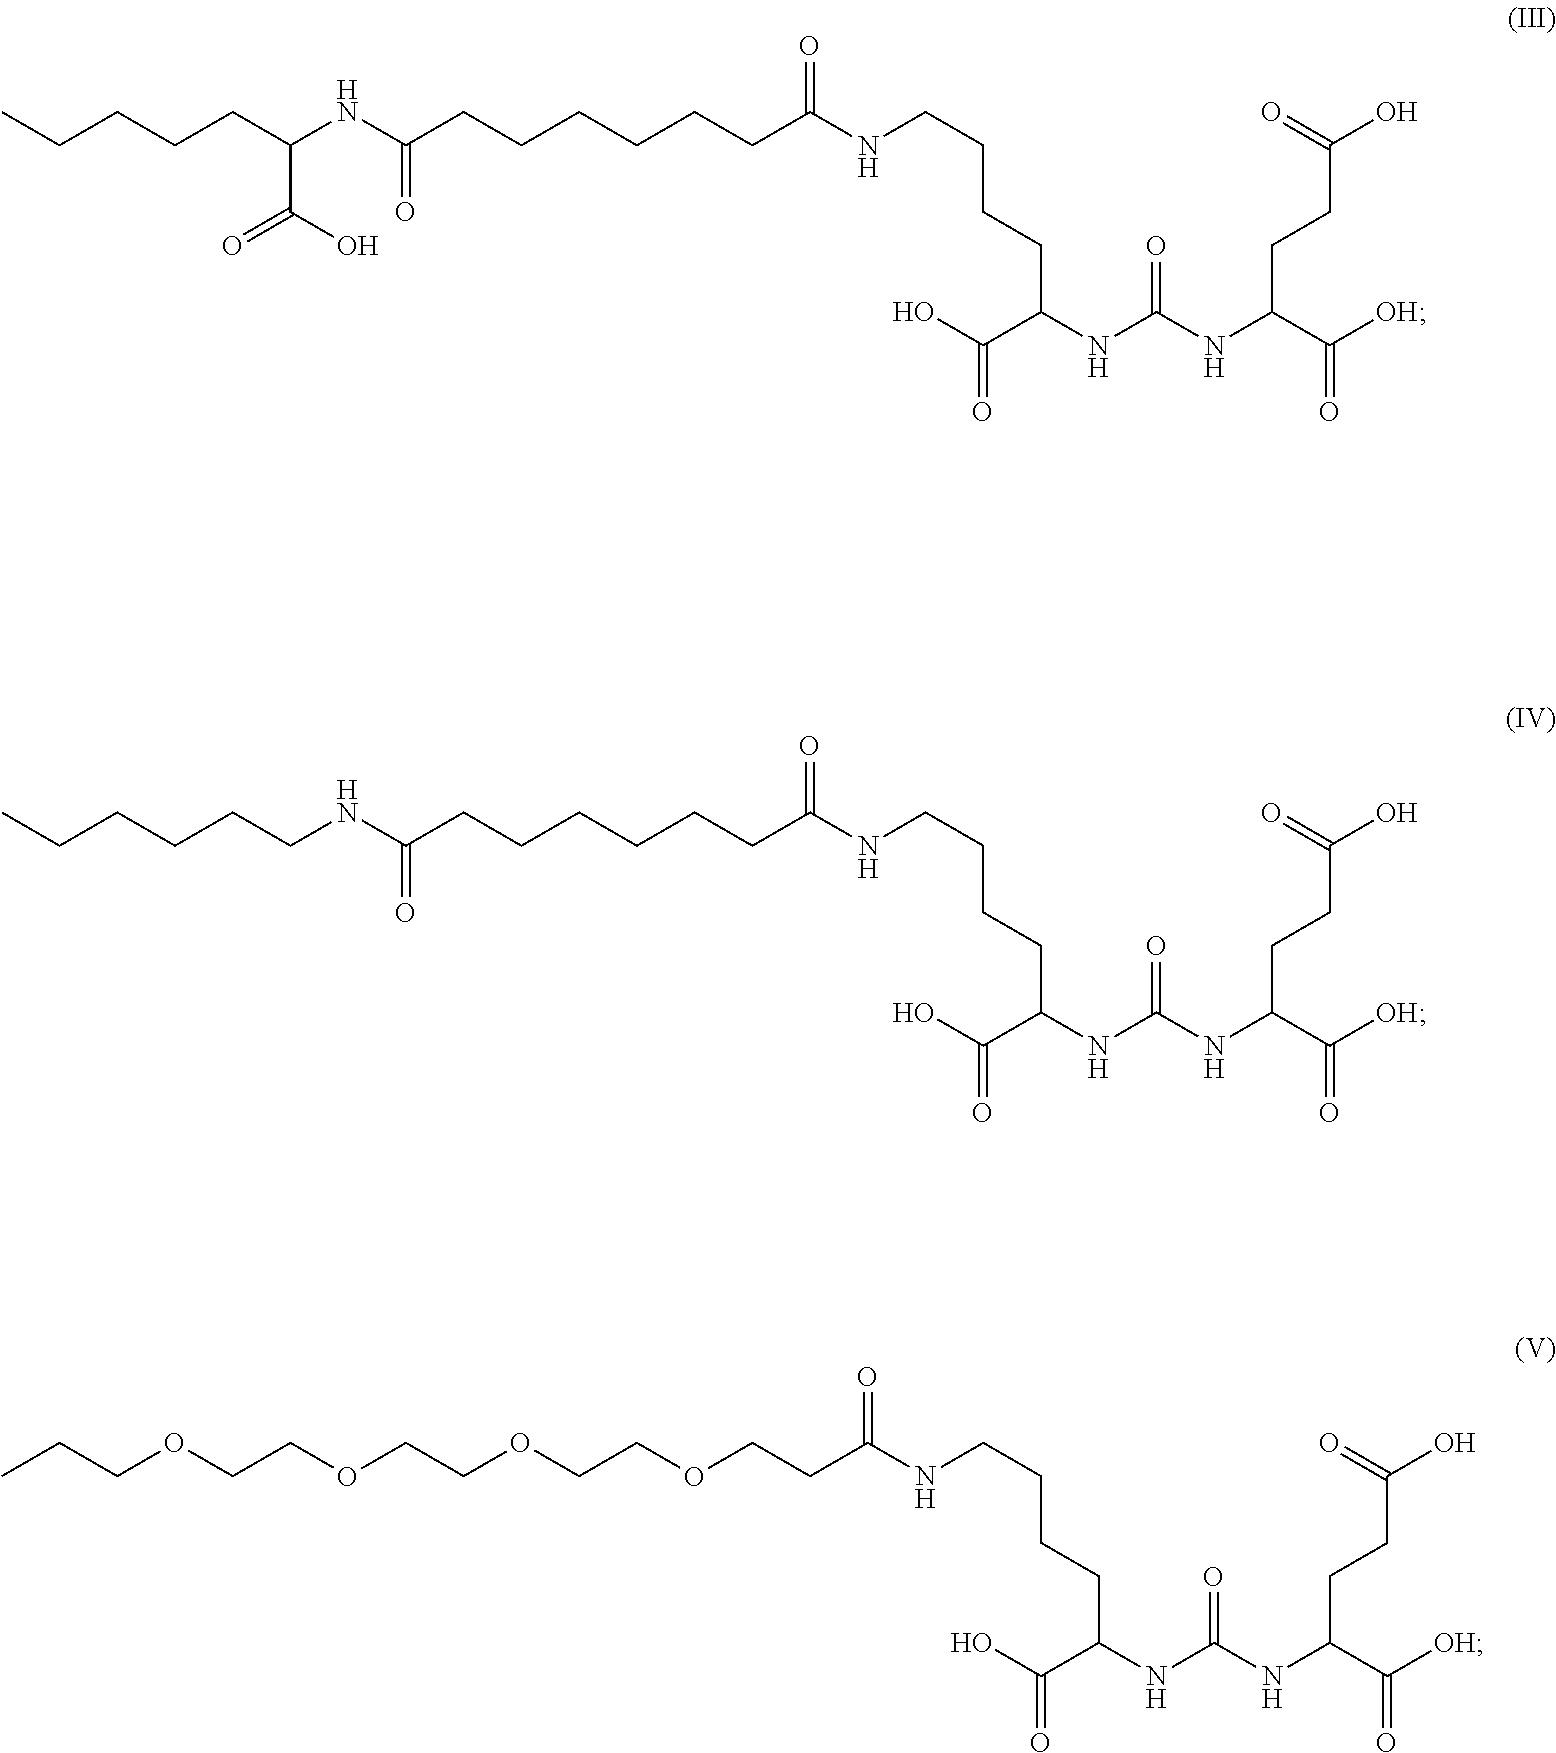 Figure US09884132-20180206-C00013